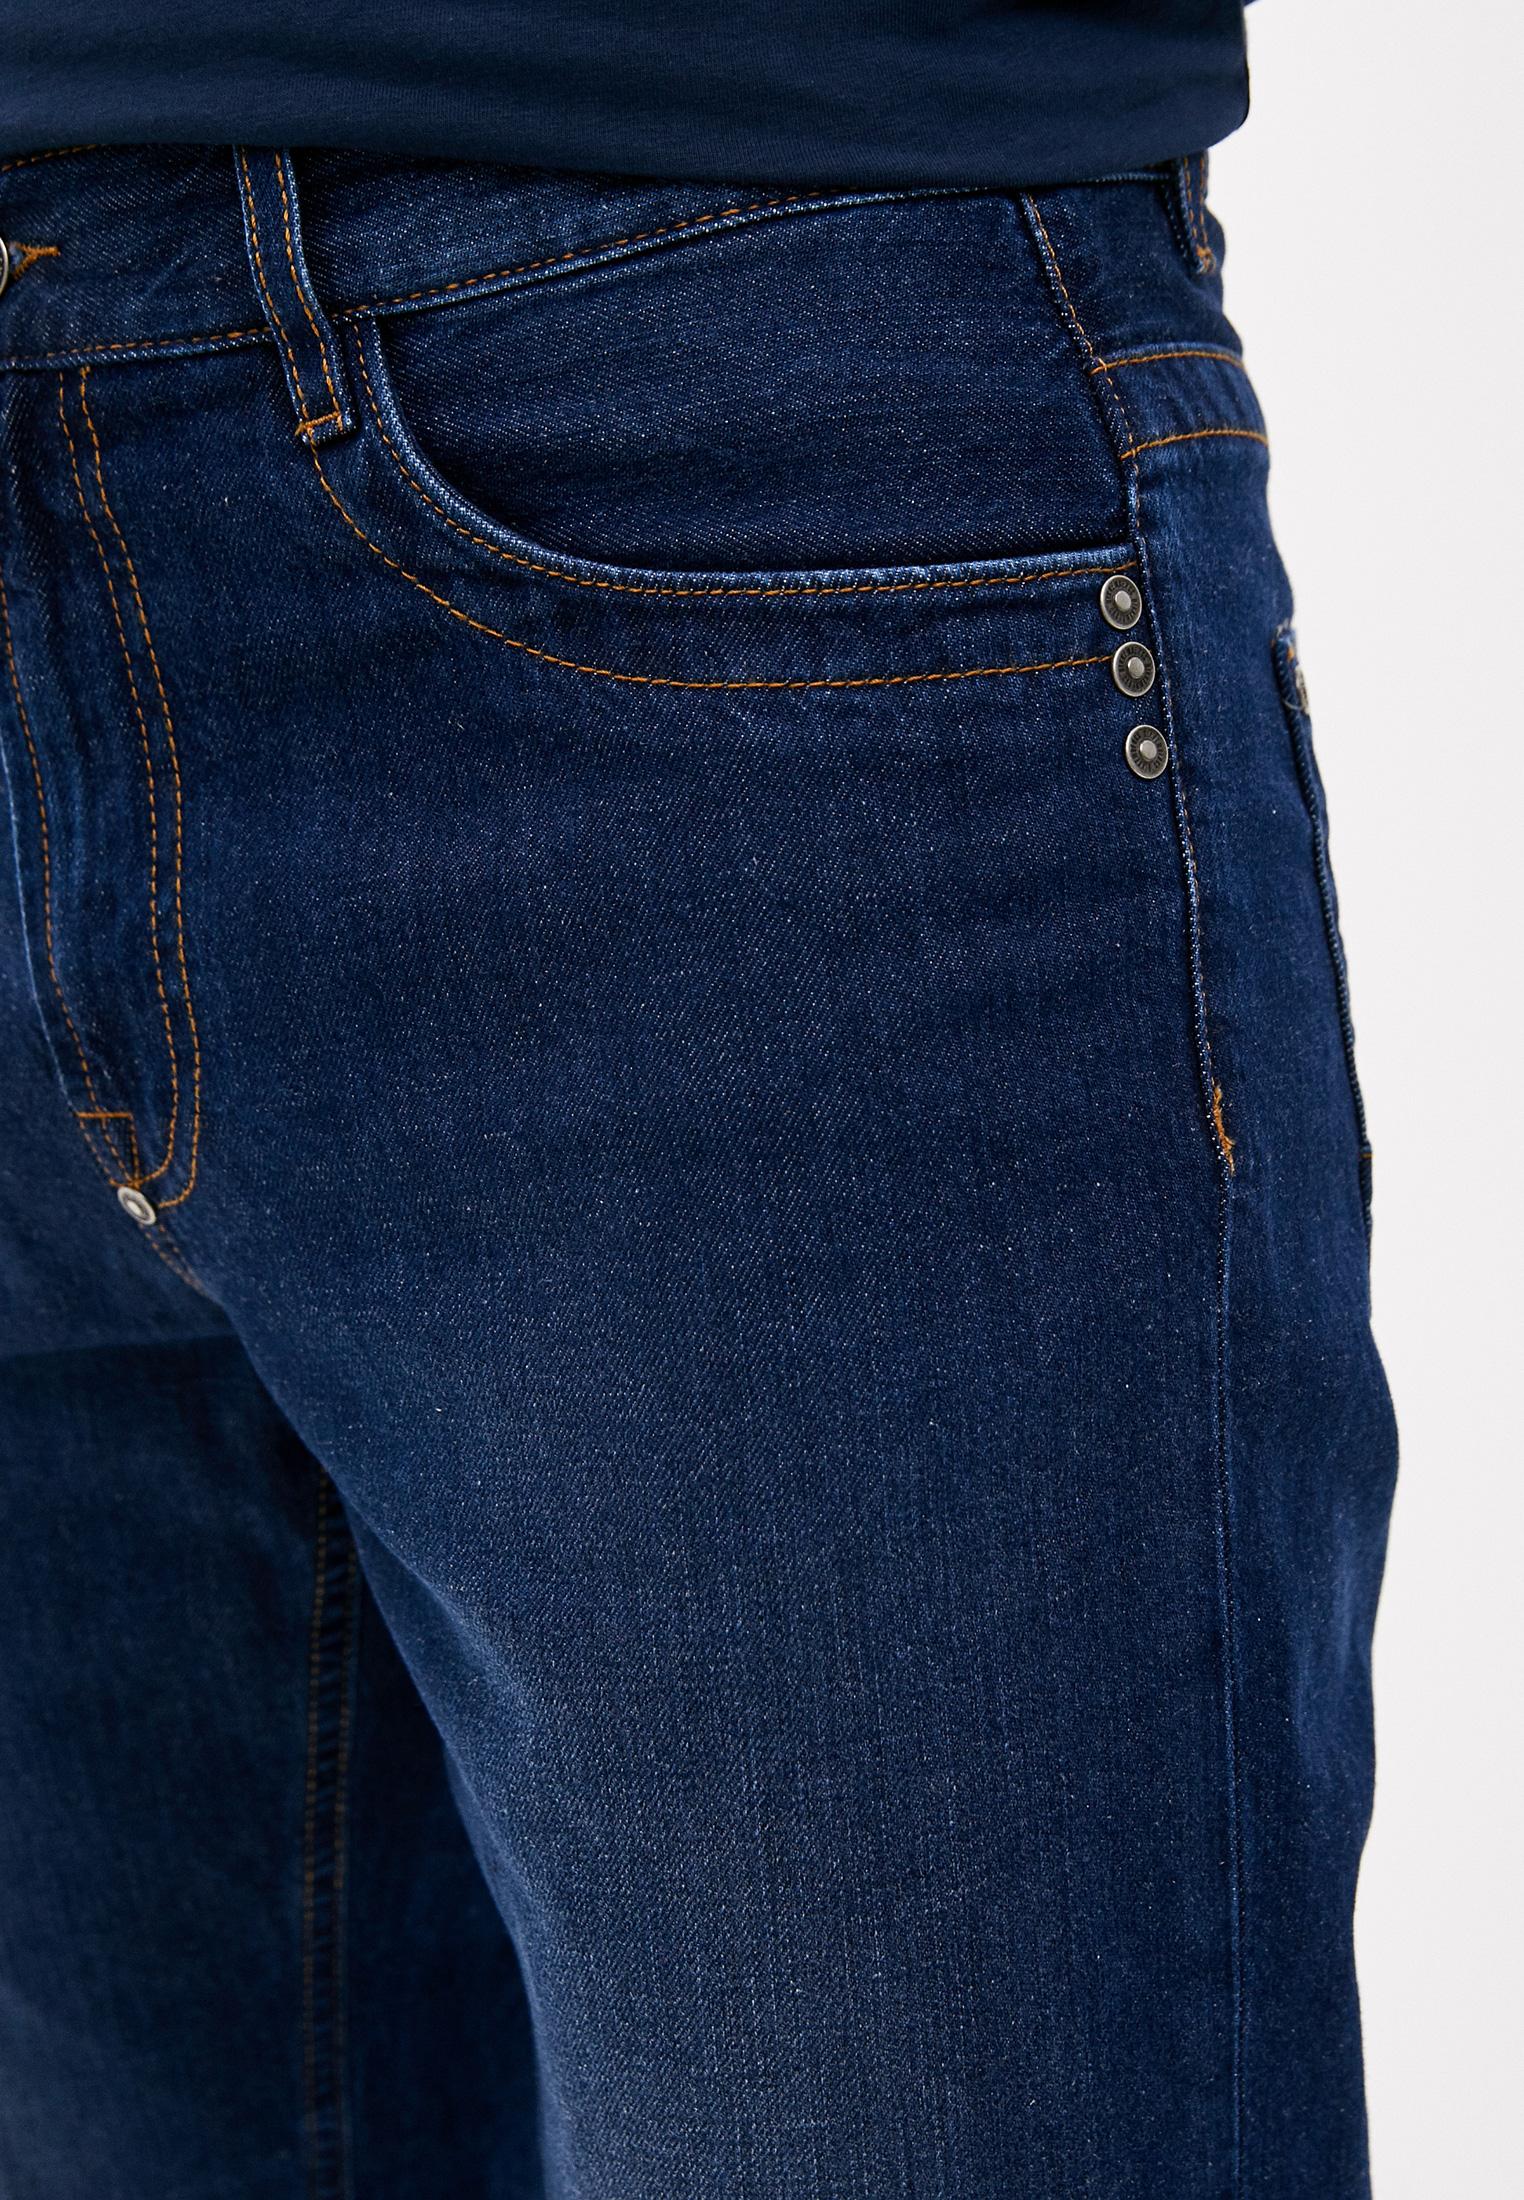 Мужские прямые джинсы Bikkembergs (Биккембергс) c q 102 03 t 9974: изображение 9